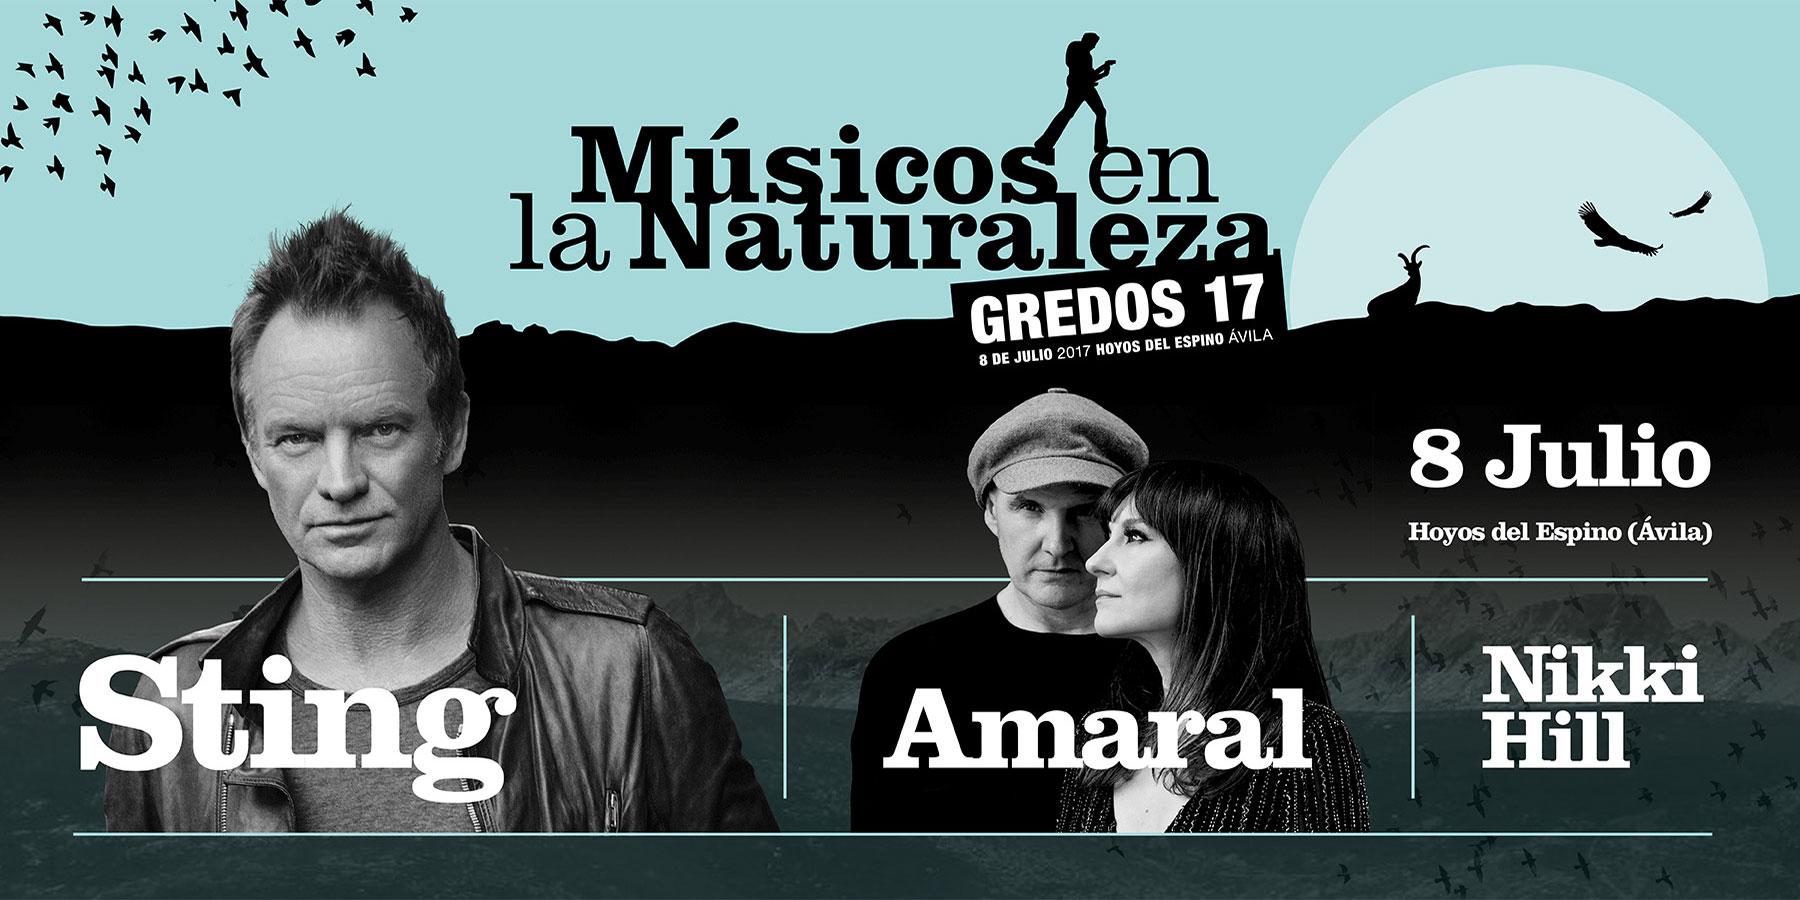 Musicos en la Naturaleza 2017